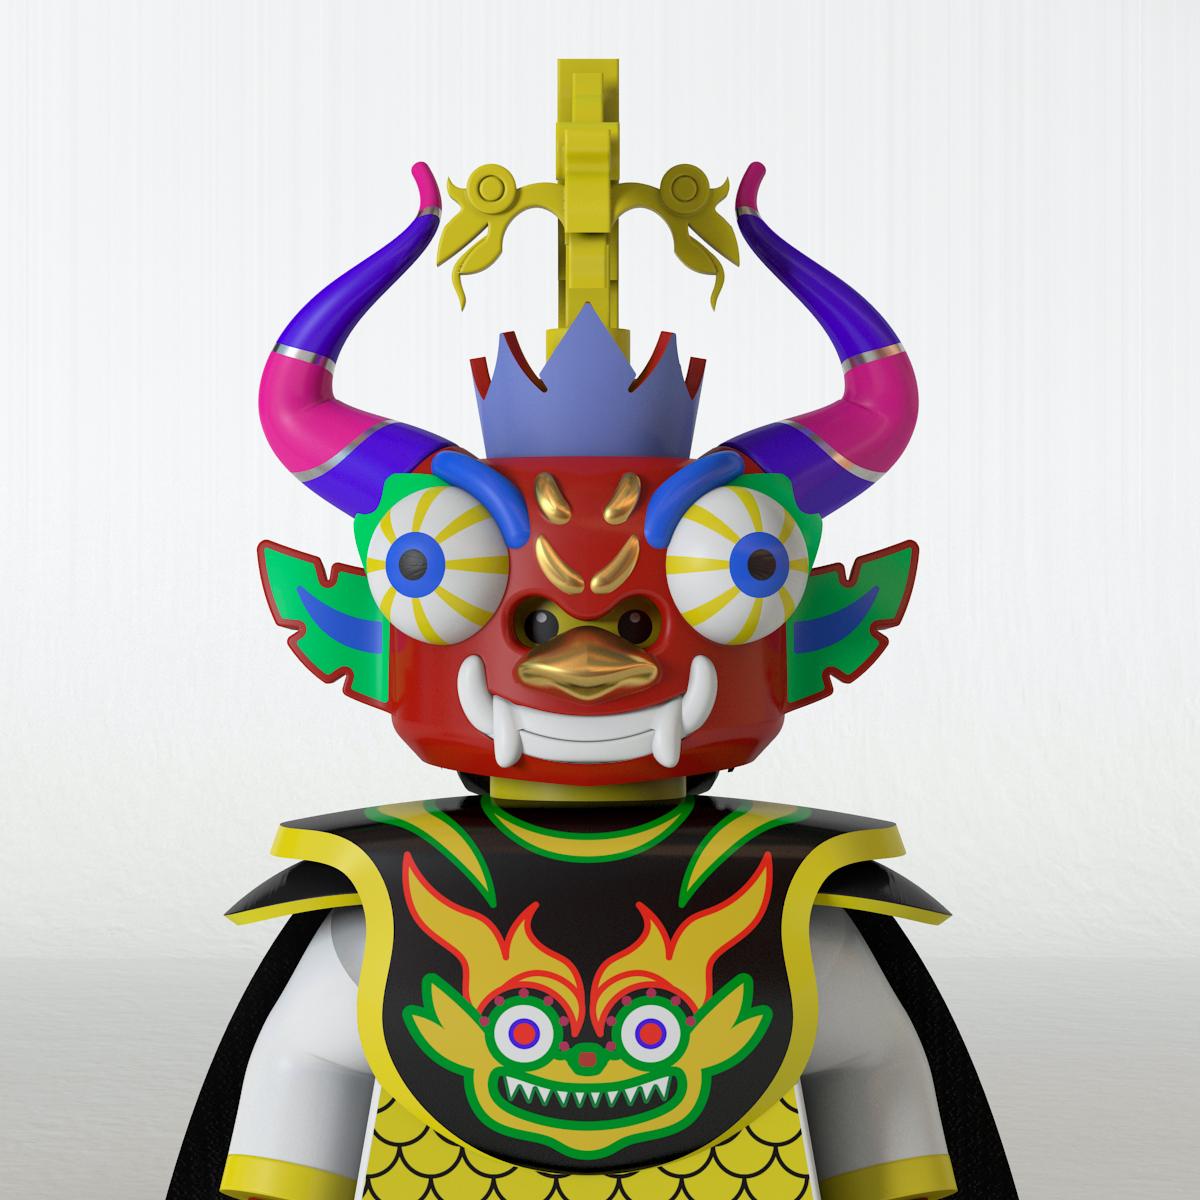 diablo-frontal-lego-by-lau-toyosato